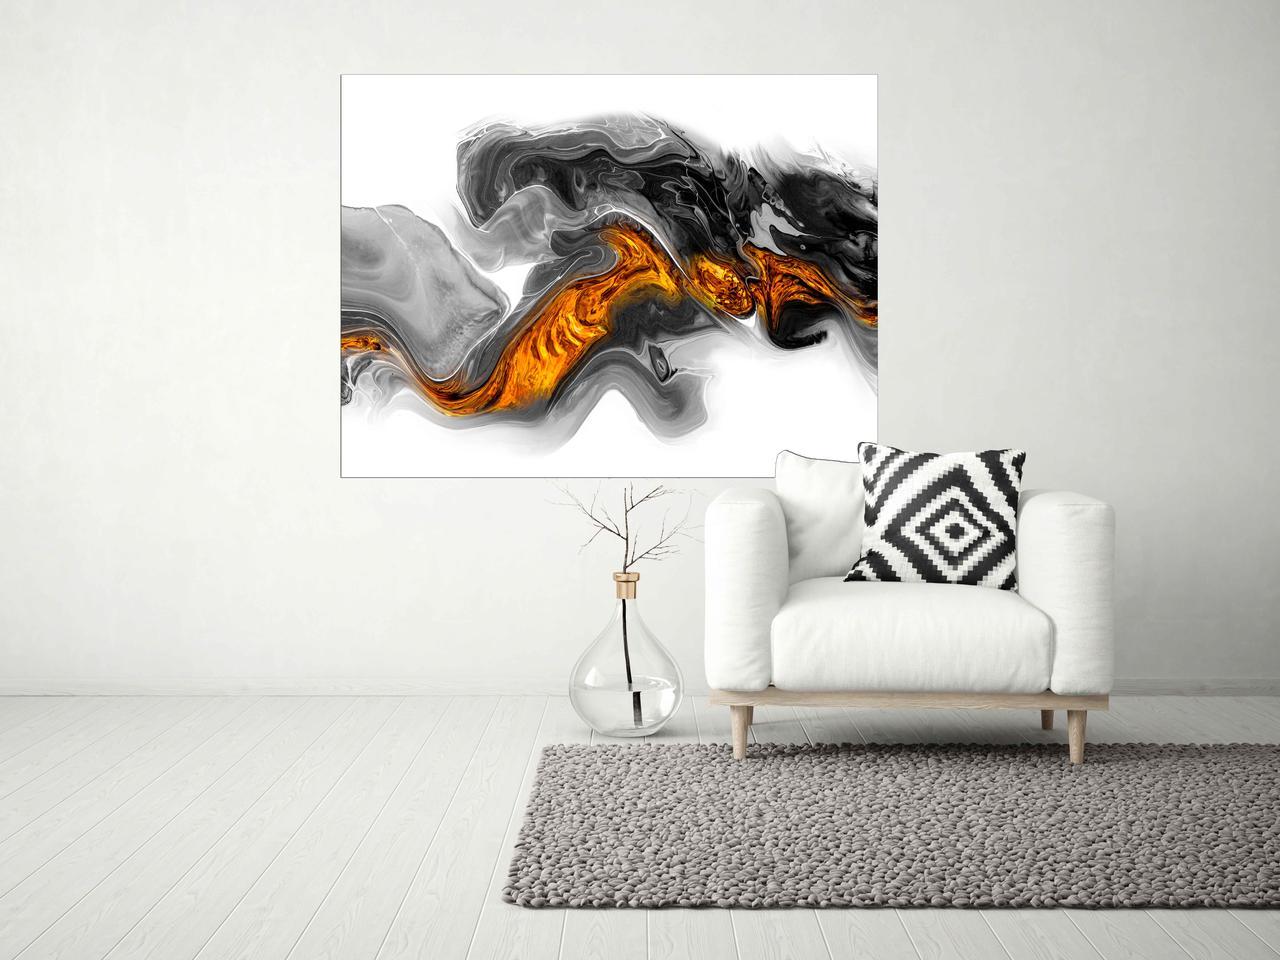 Модульная картина на холсте, красивая огненная картина в зал, спальню, прихожую, гостиную